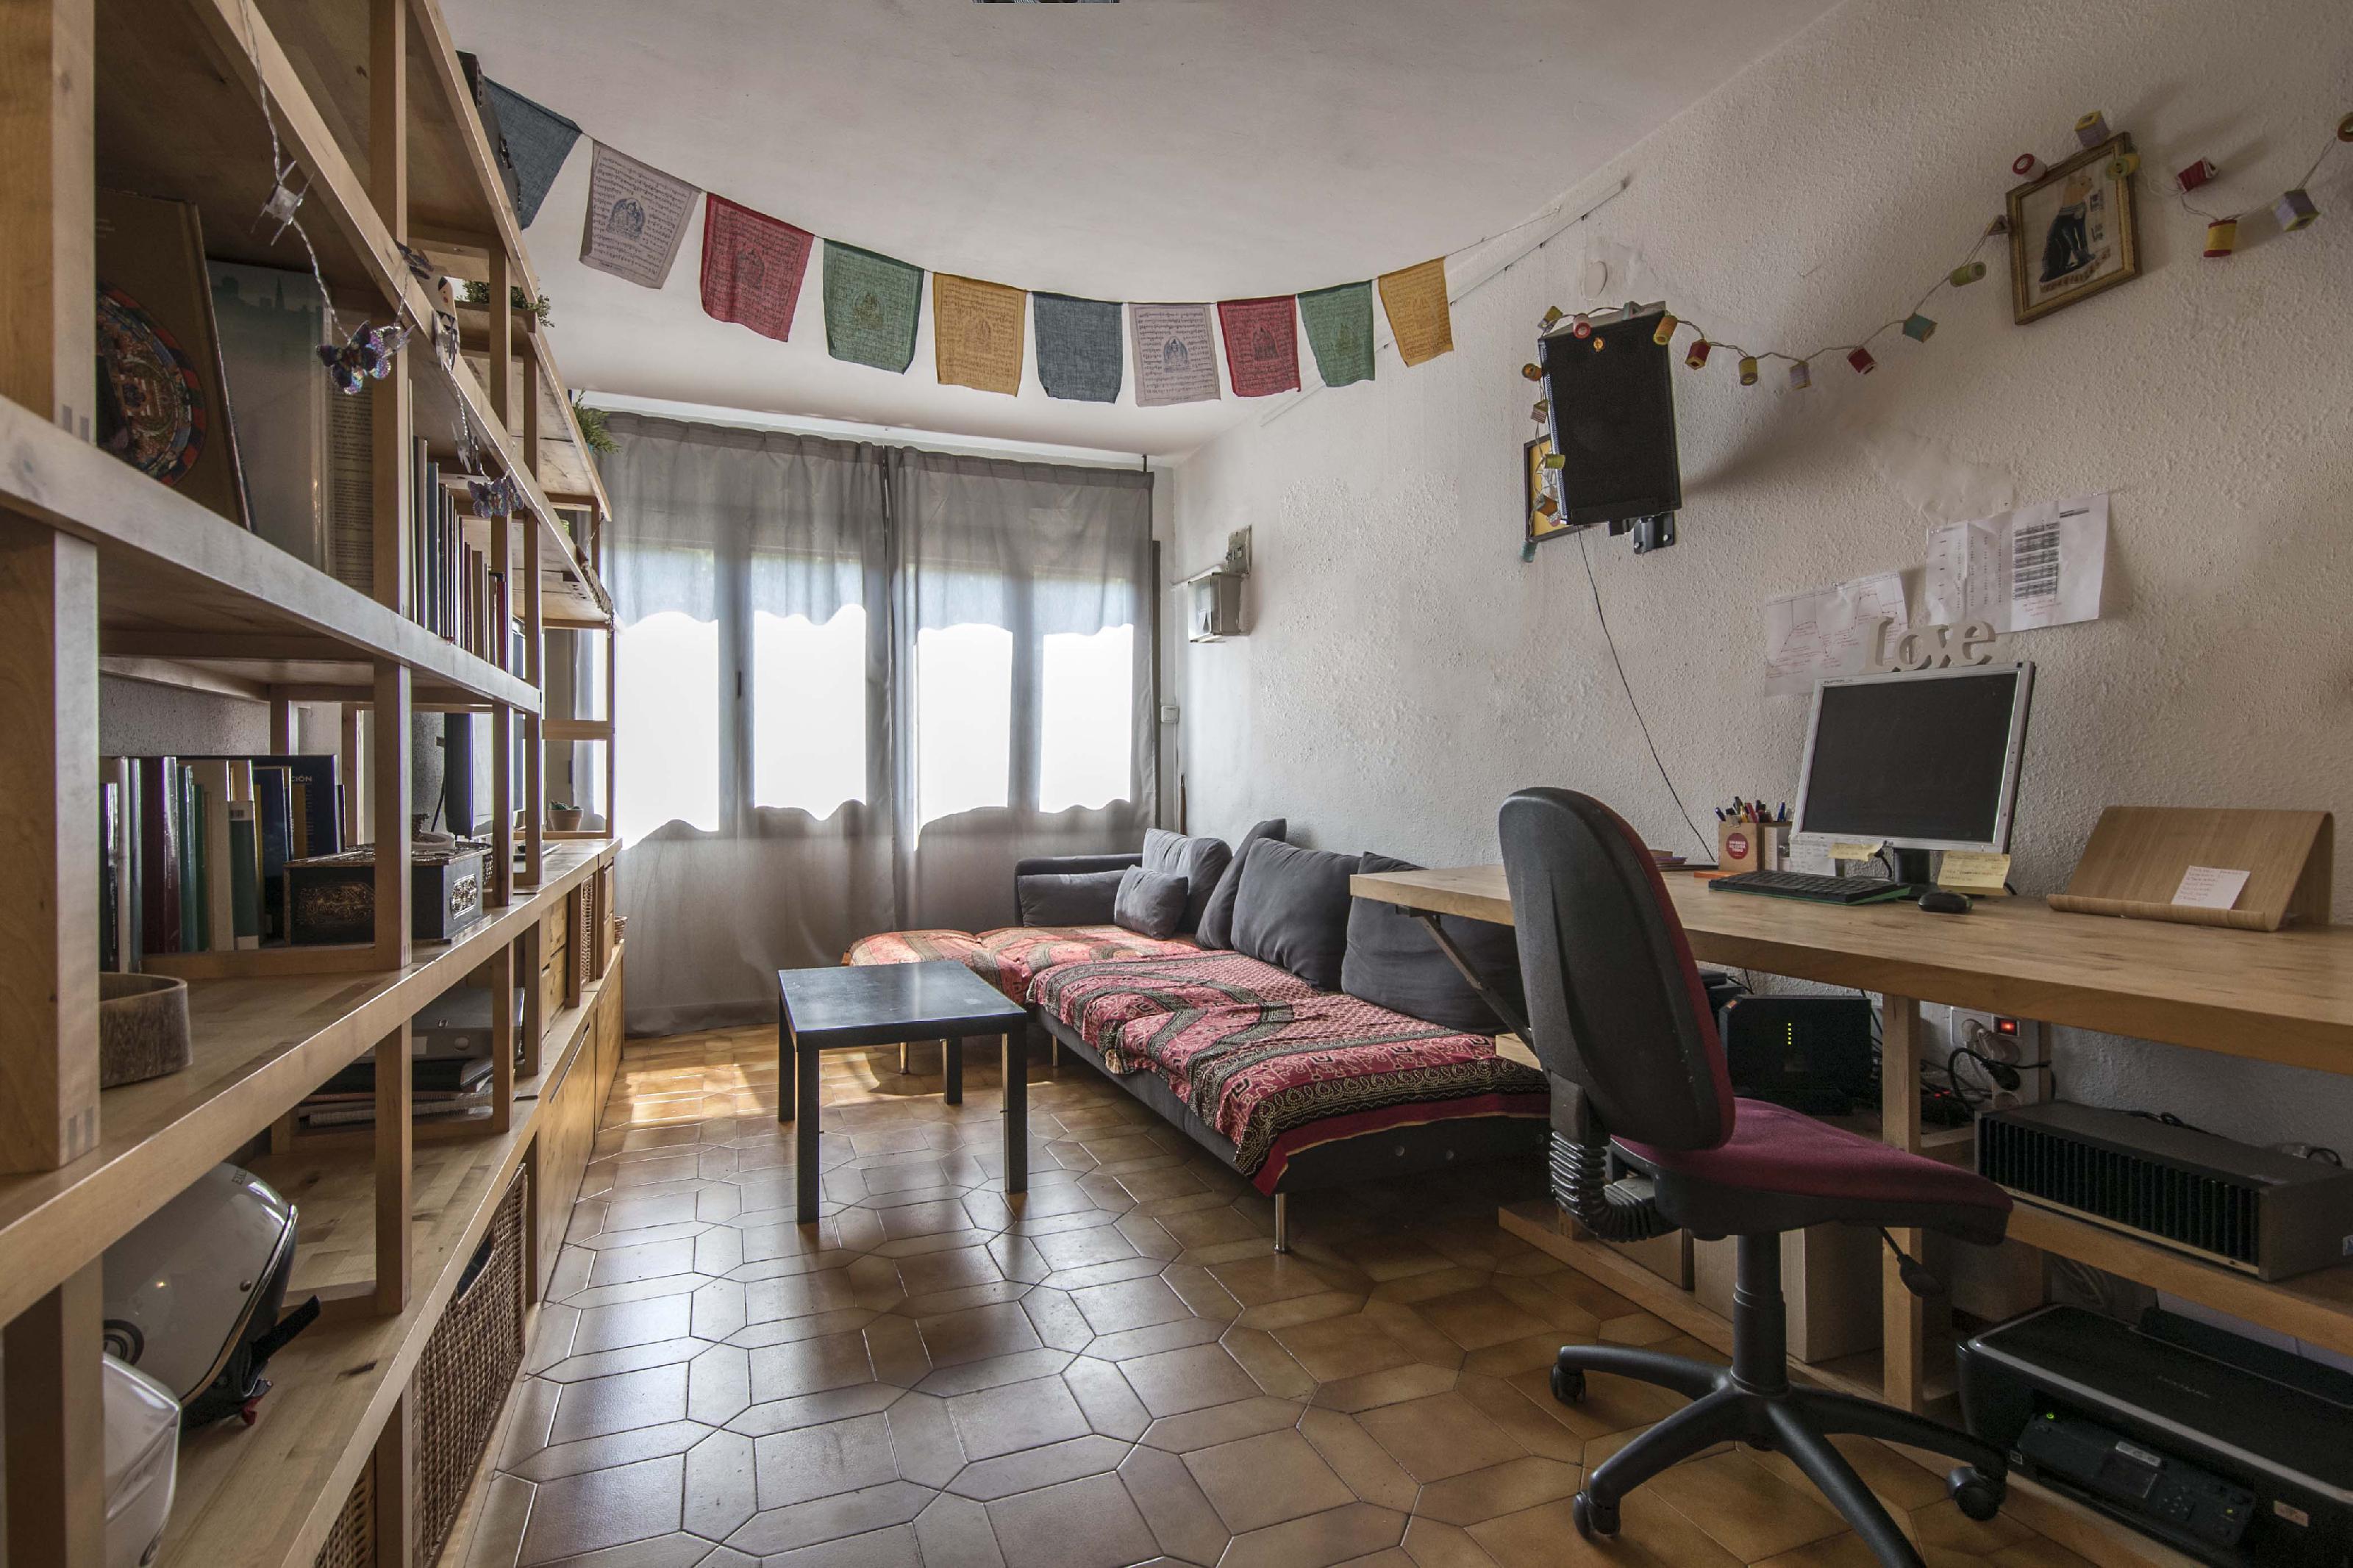 Imagen 1 Casa Adosada en venta en Barcelona / Joan Palomar - Alfons El Magnànim 08019